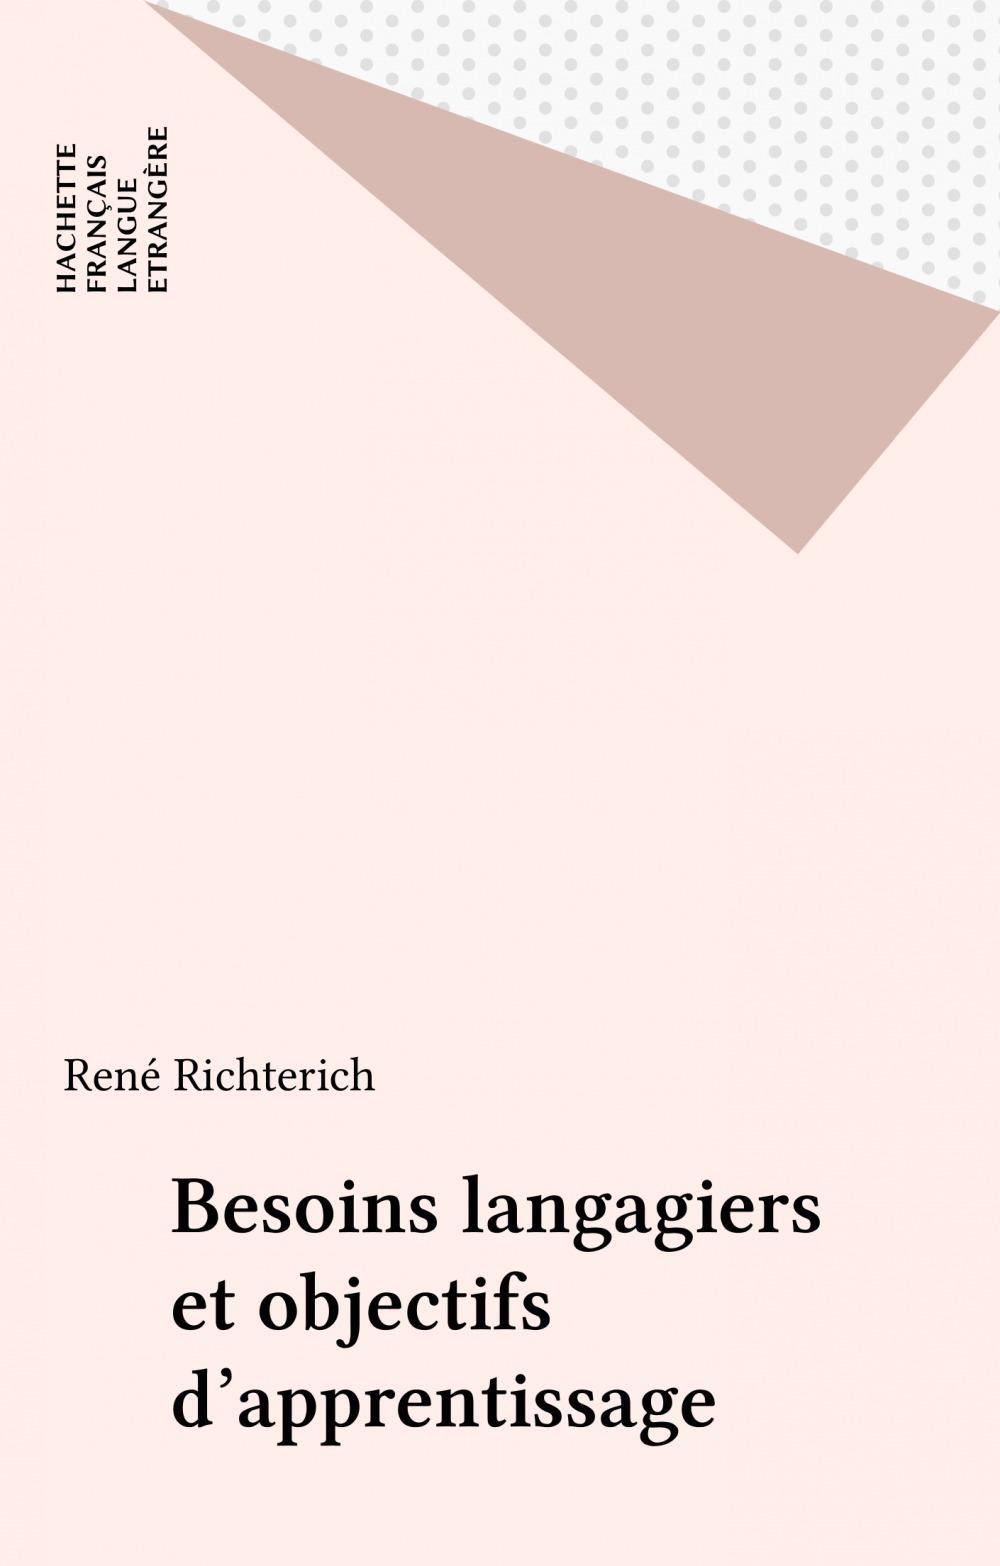 René Richterich Besoins langagiers et objectifs d'apprentissage